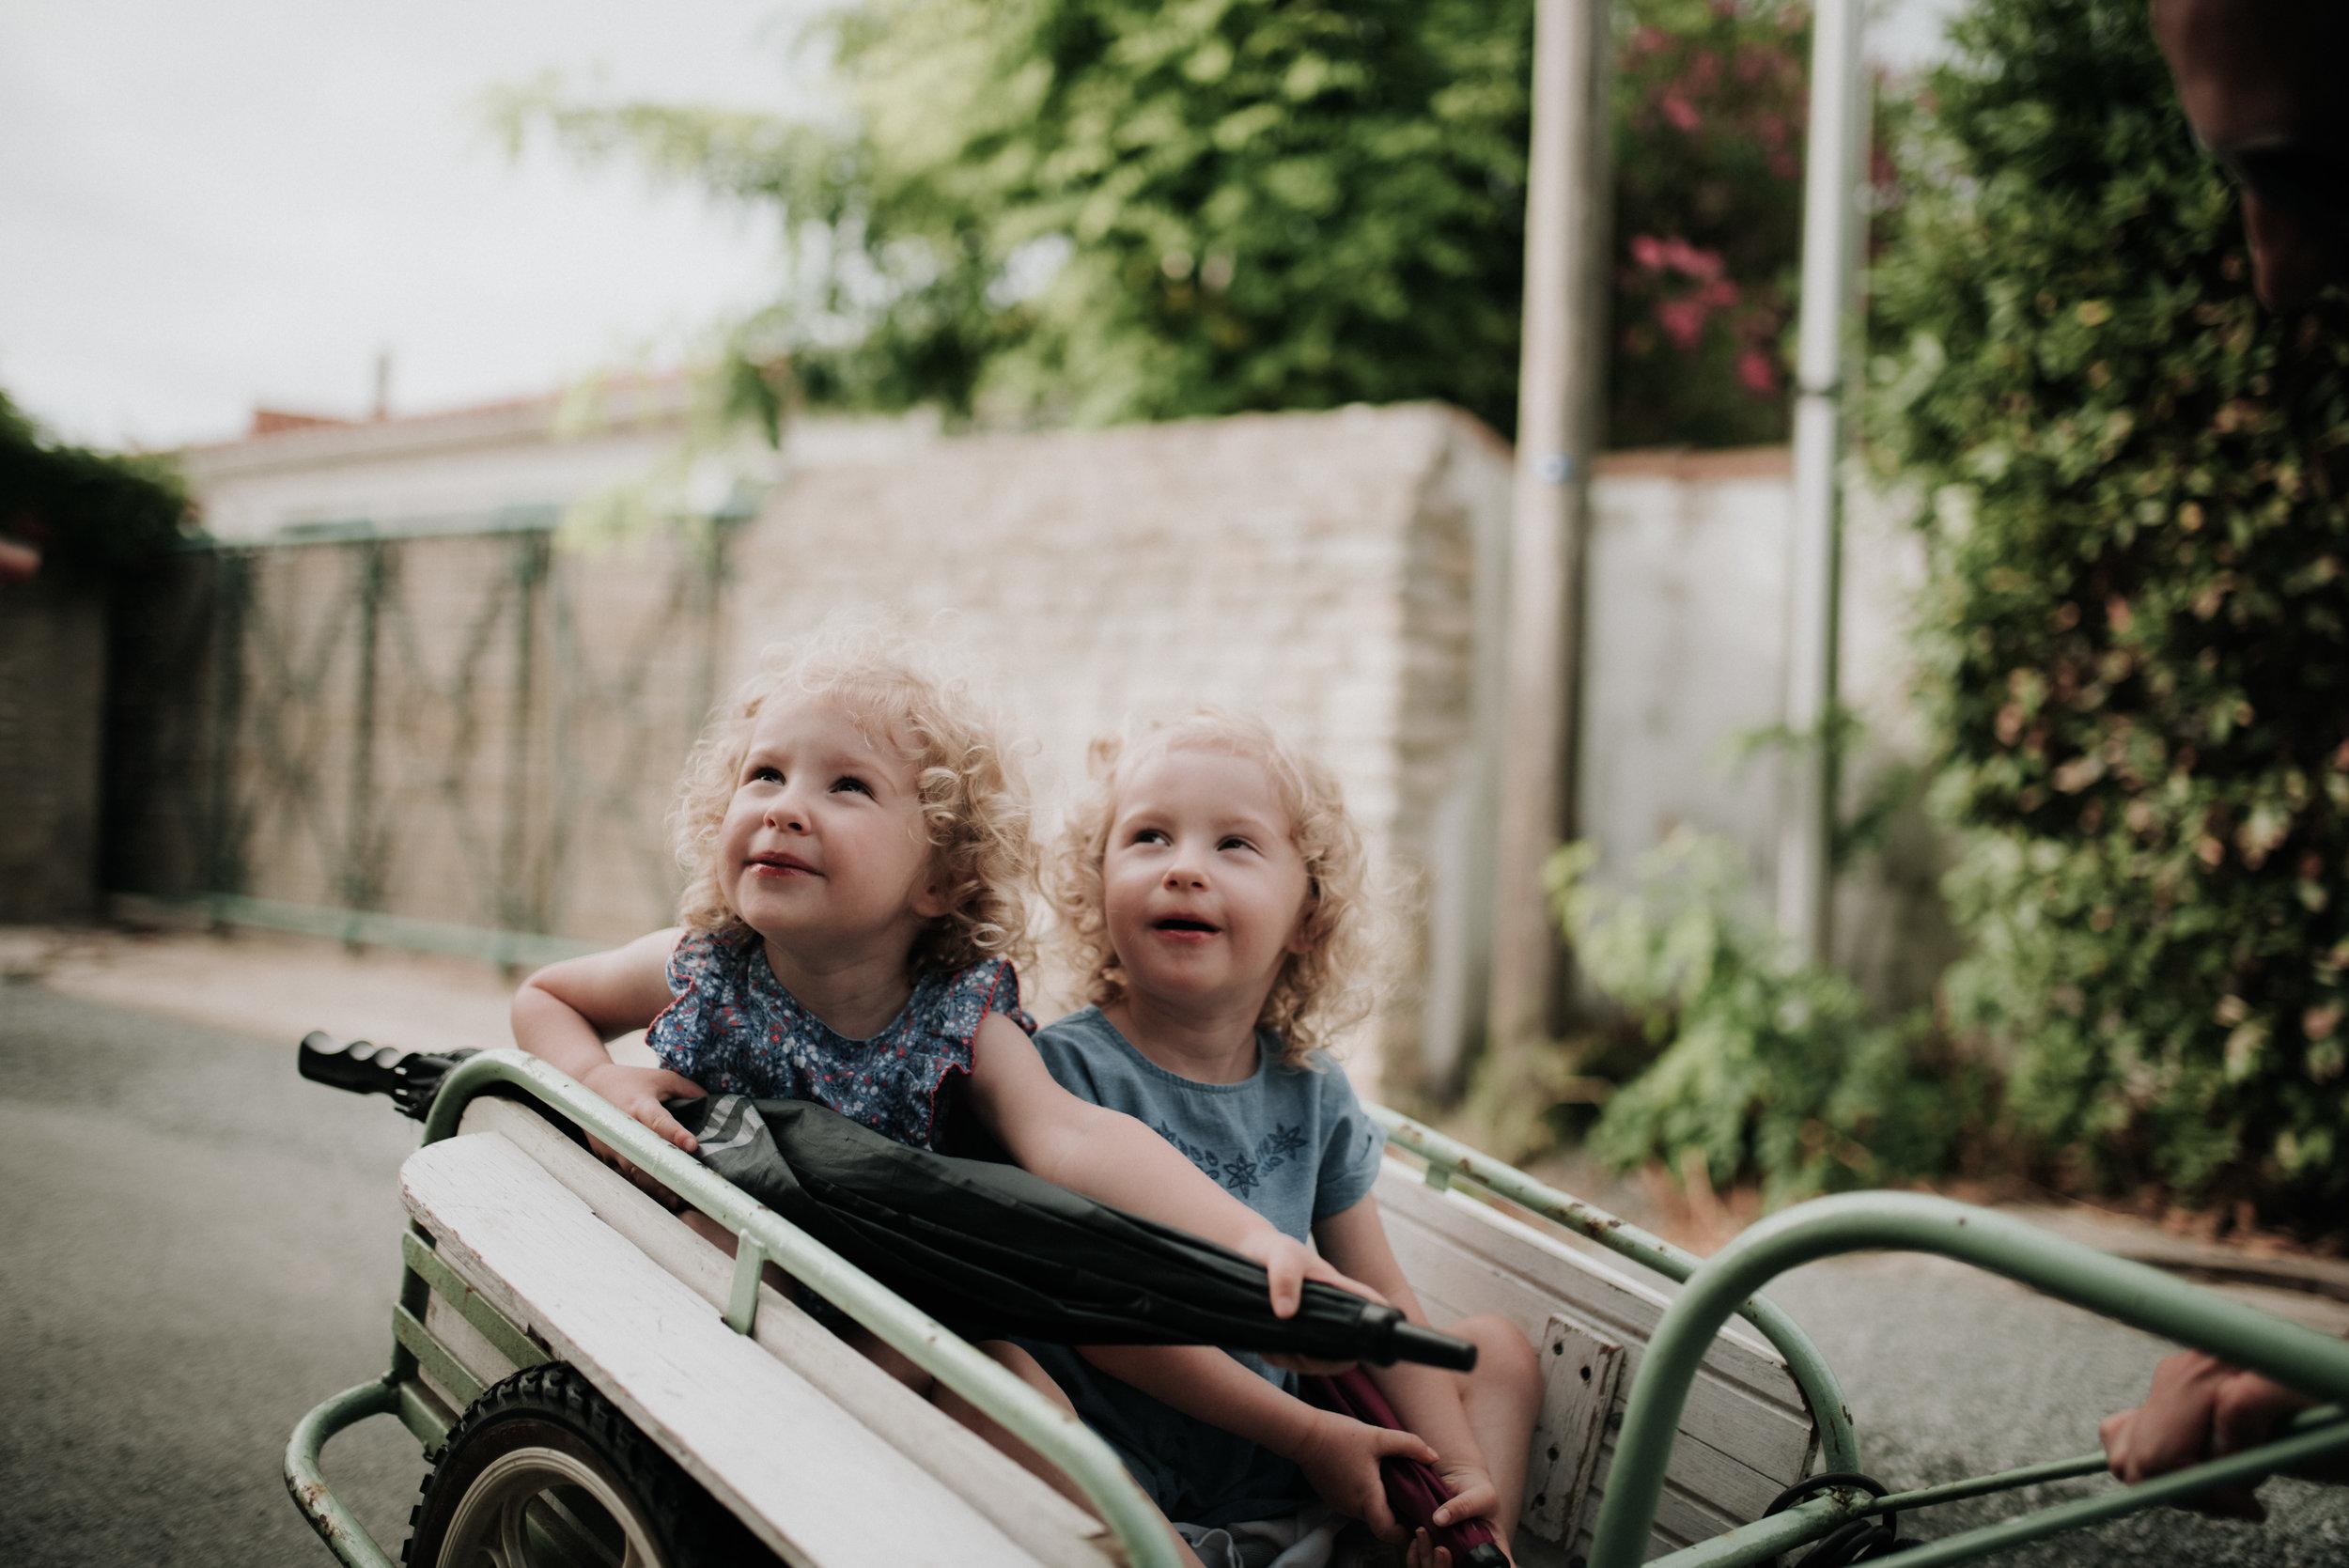 Léa-Fery-photographe-professionnel-lyon-rhone-alpes-portrait-creation-mariage-evenement-evenementiel-famille-2468.jpg